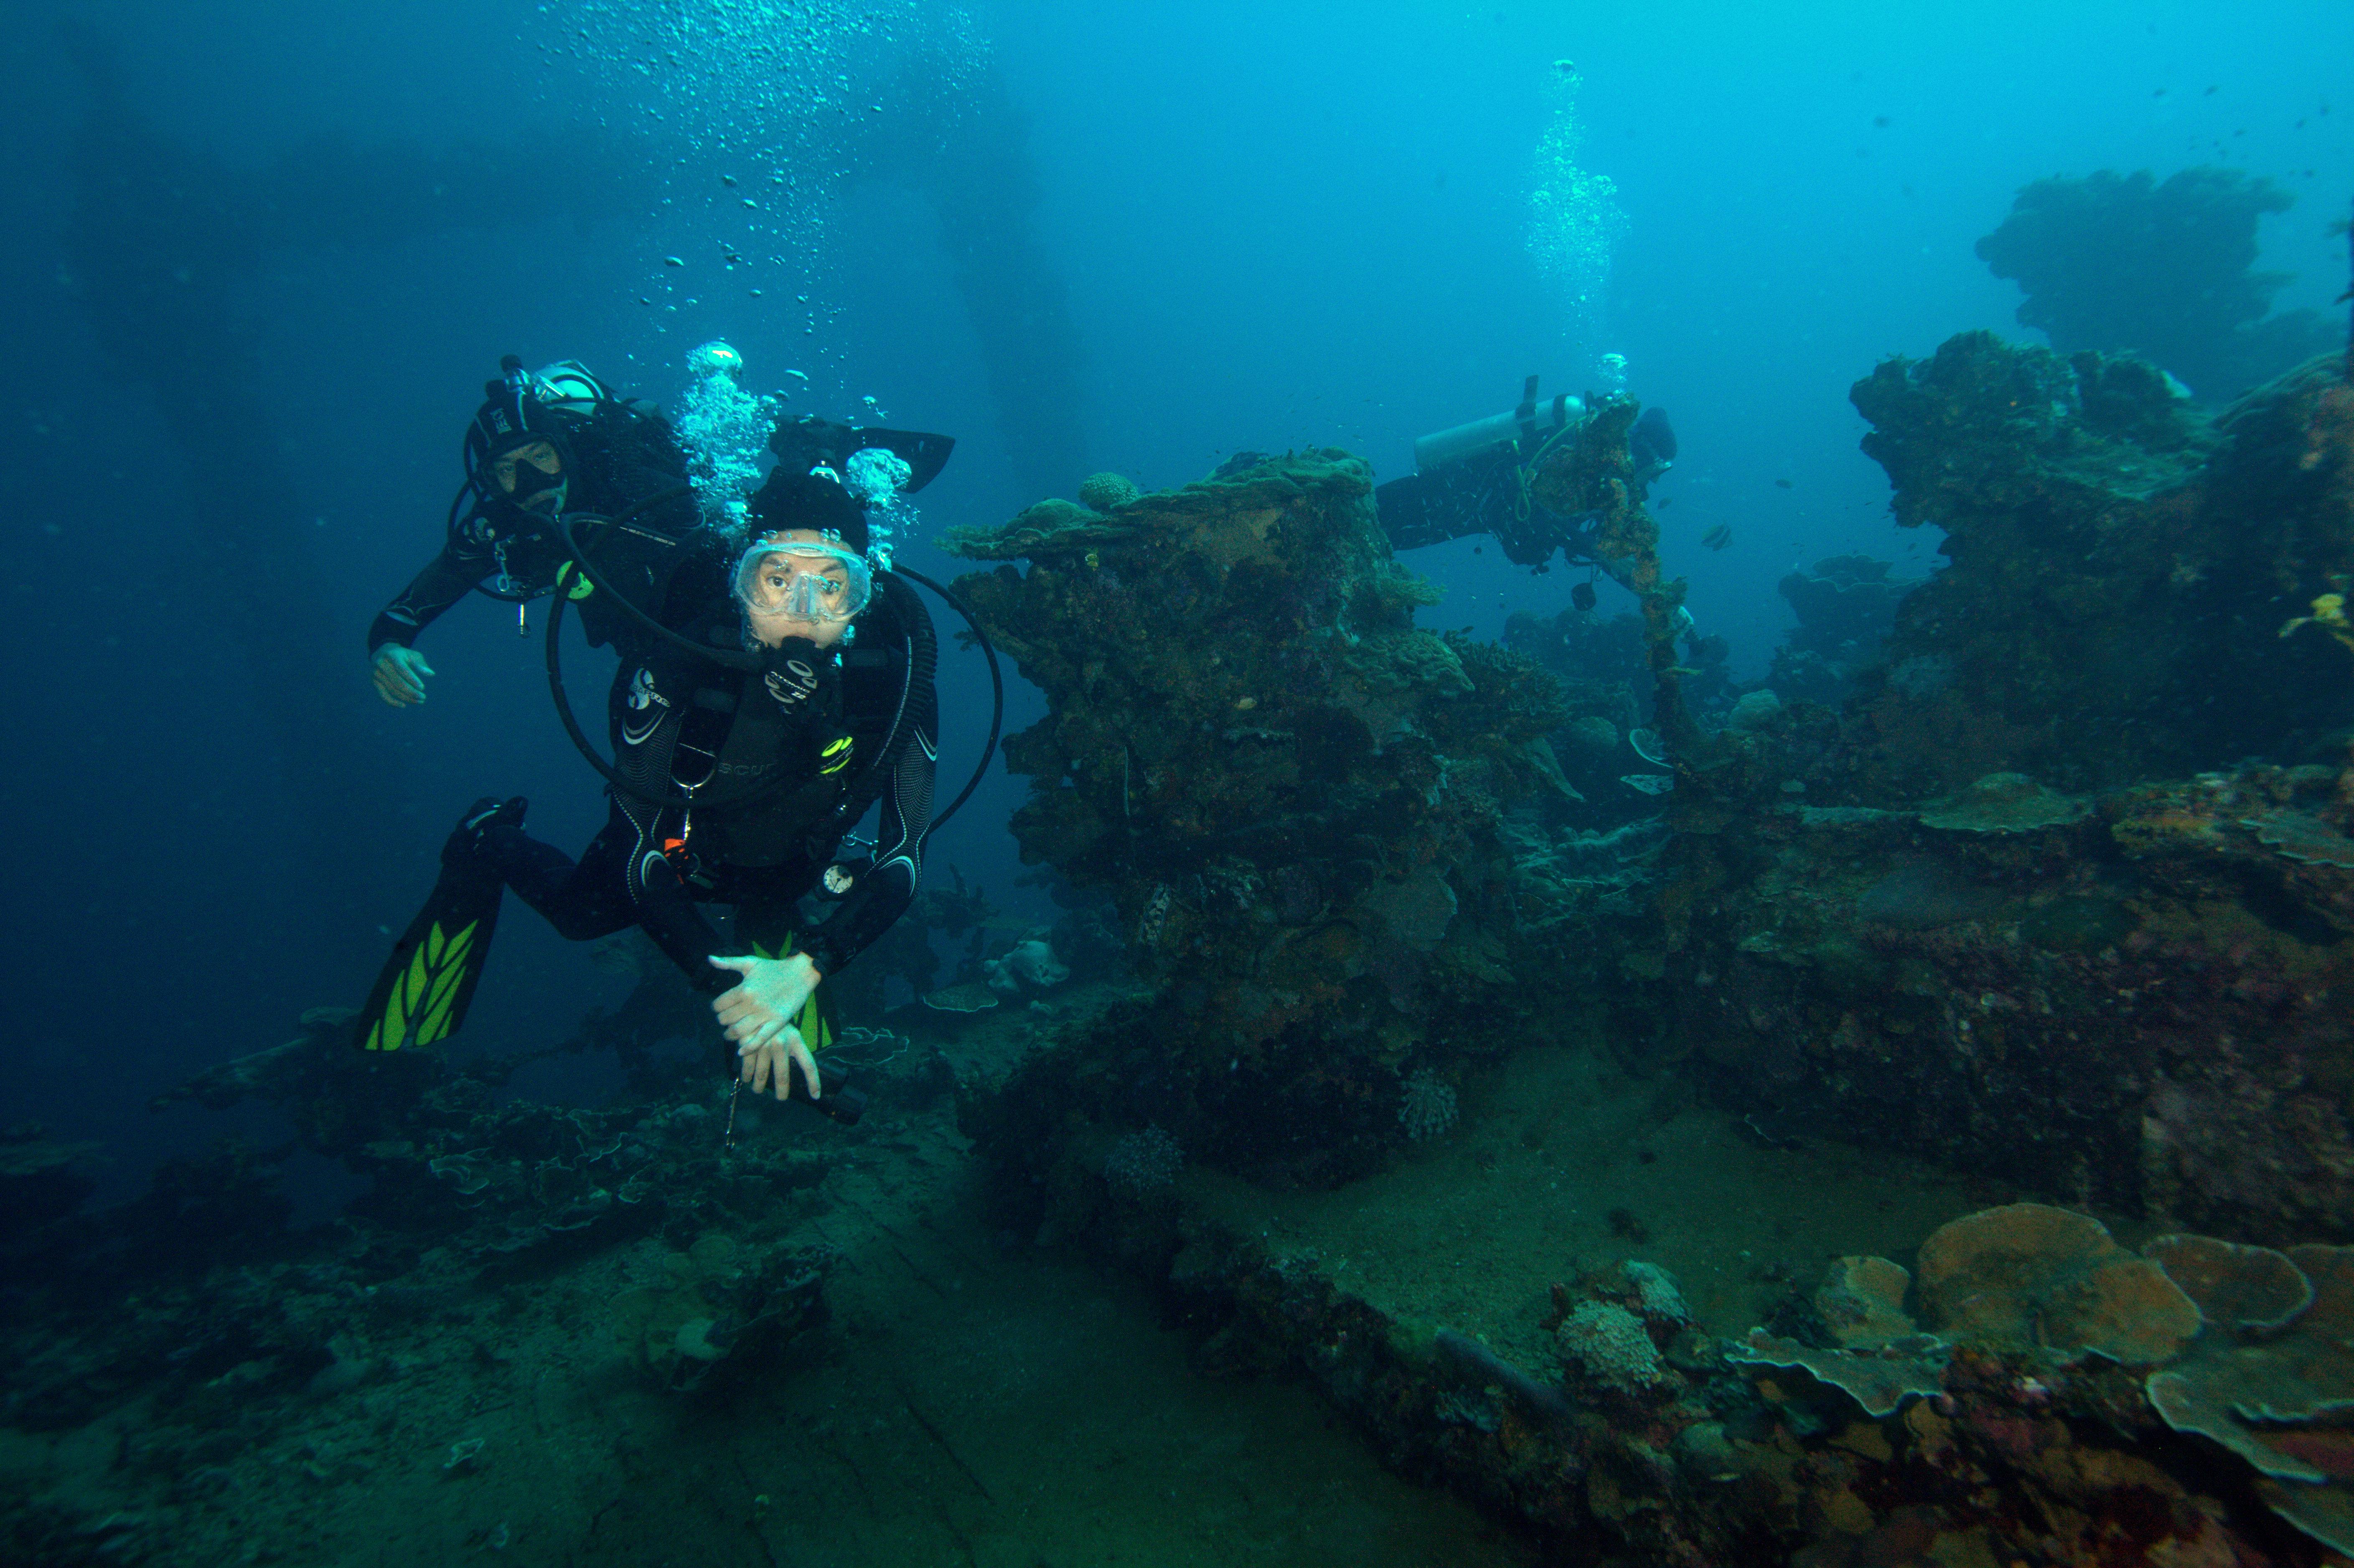 Coron wreck diving